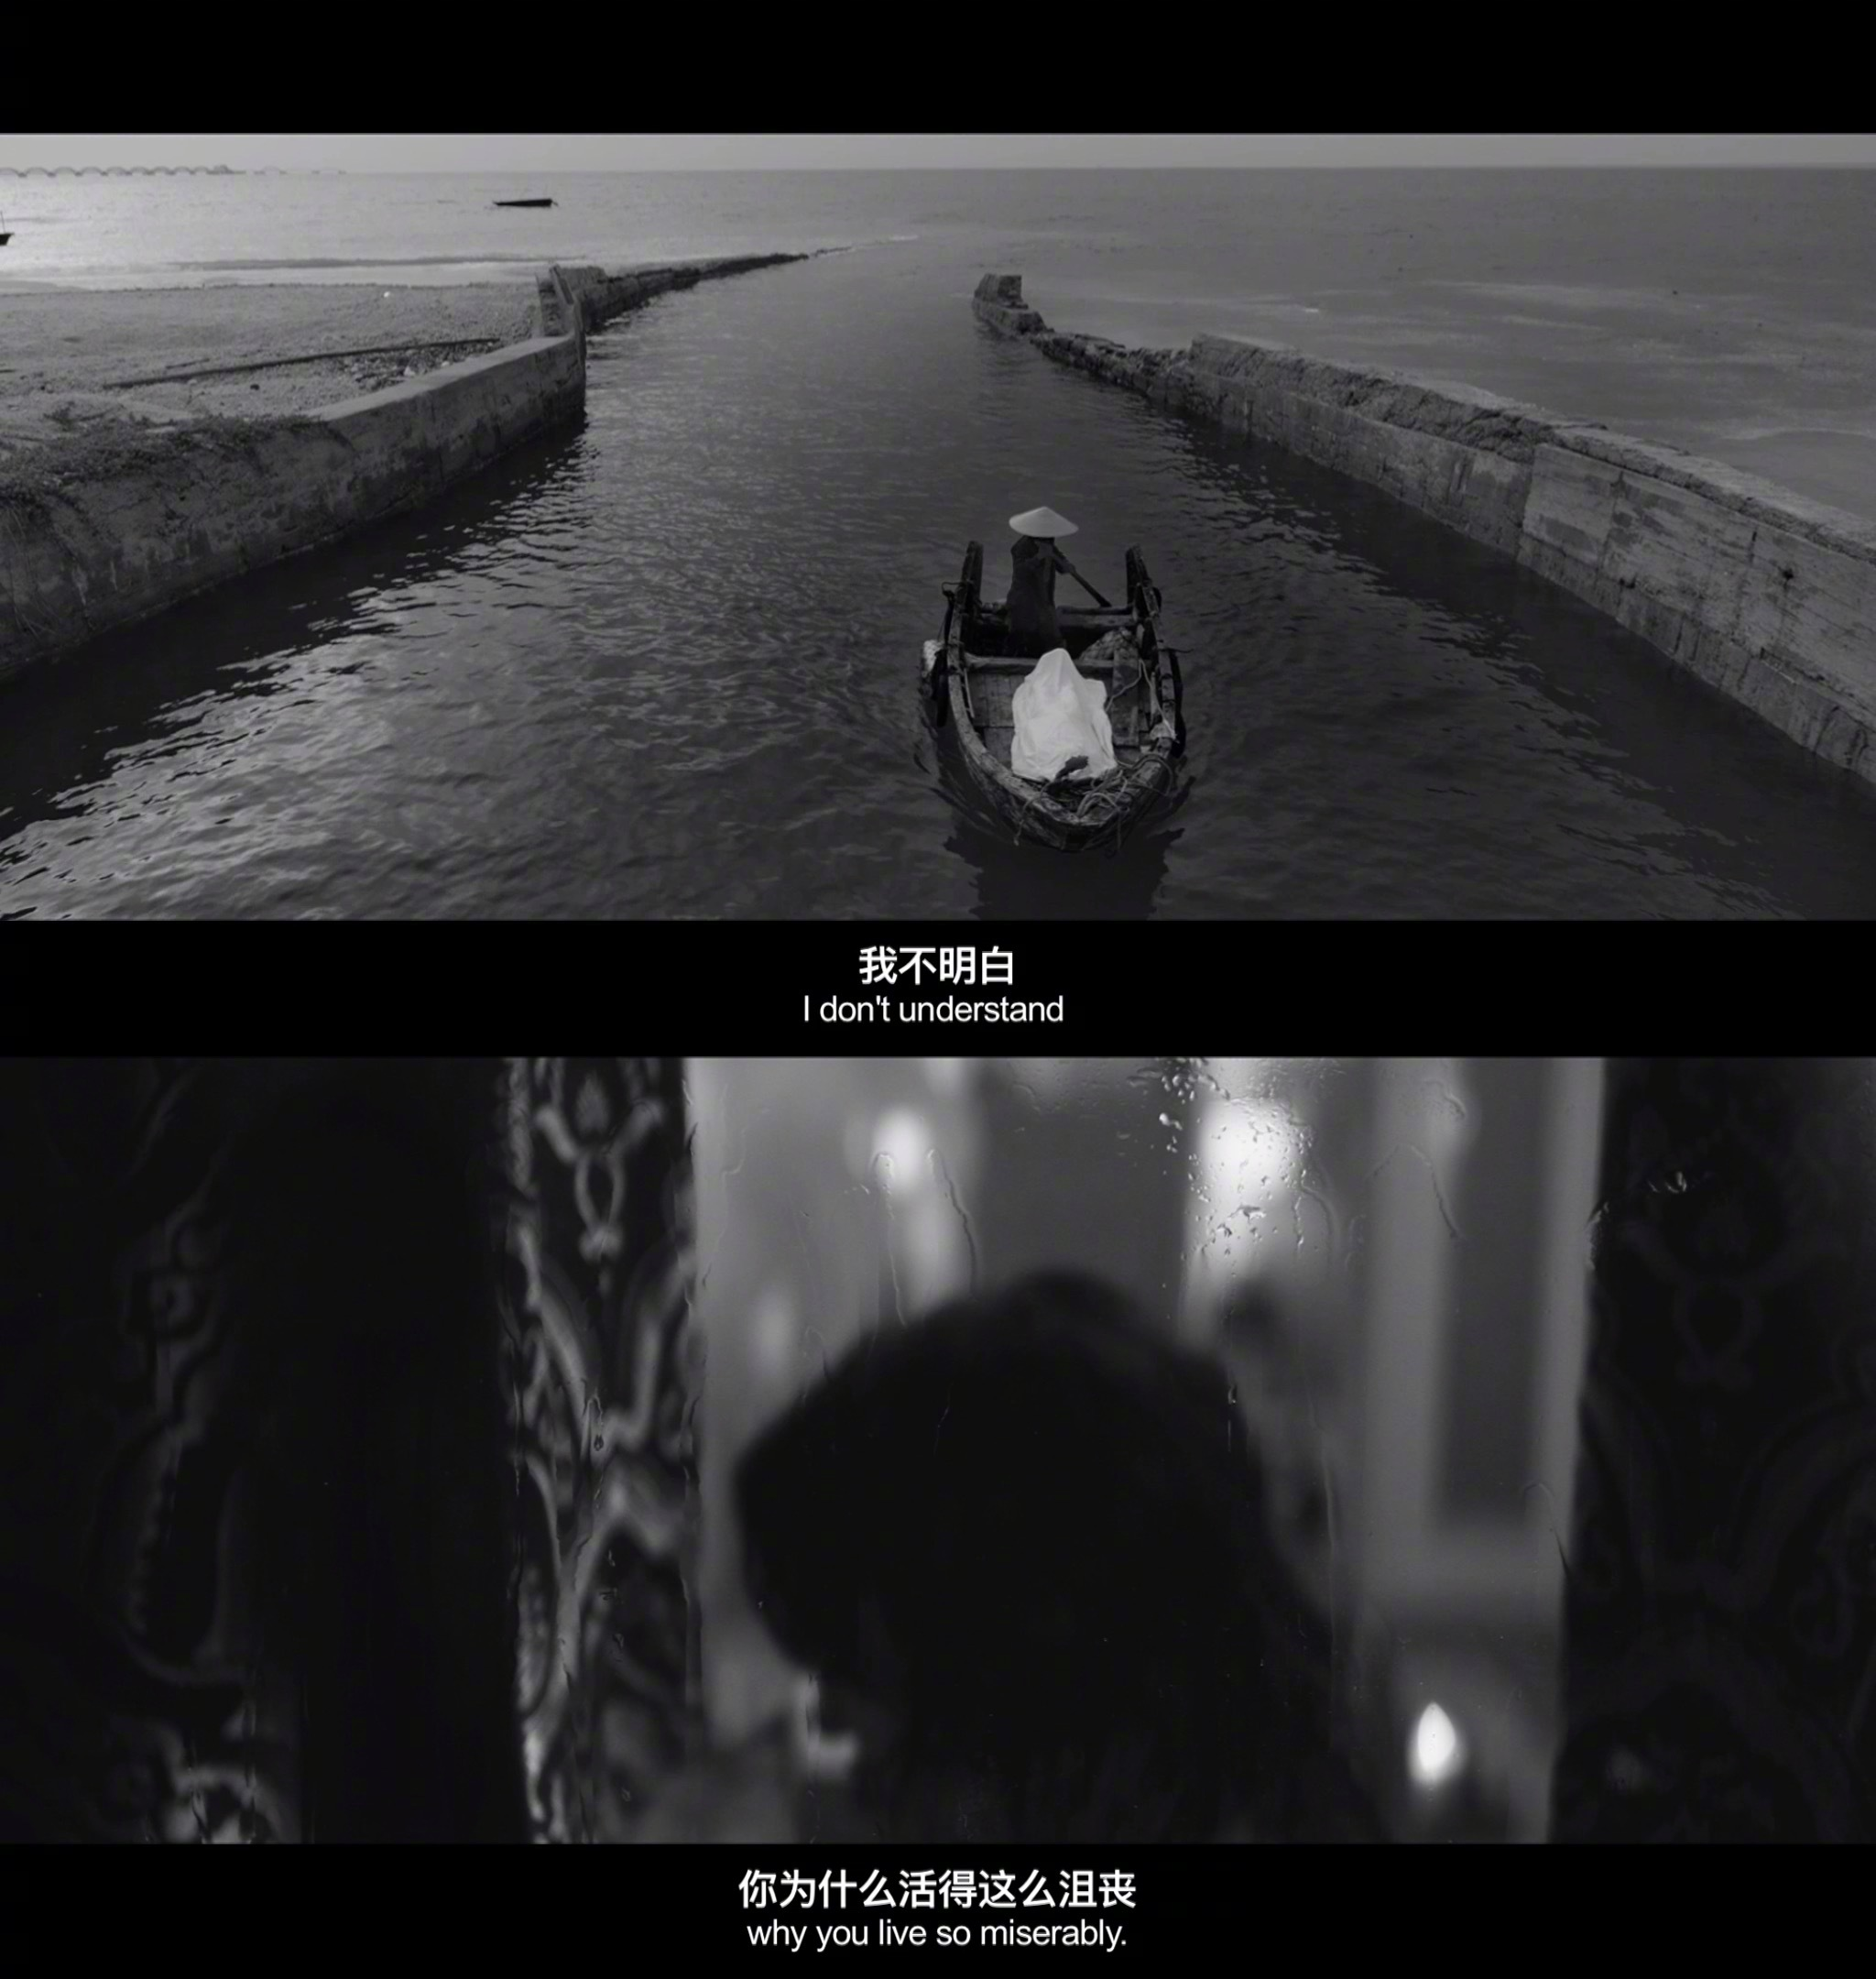 王菲女儿窦靖童首演女主,影片入围国际电影节,赵薇杨紫转发宣传